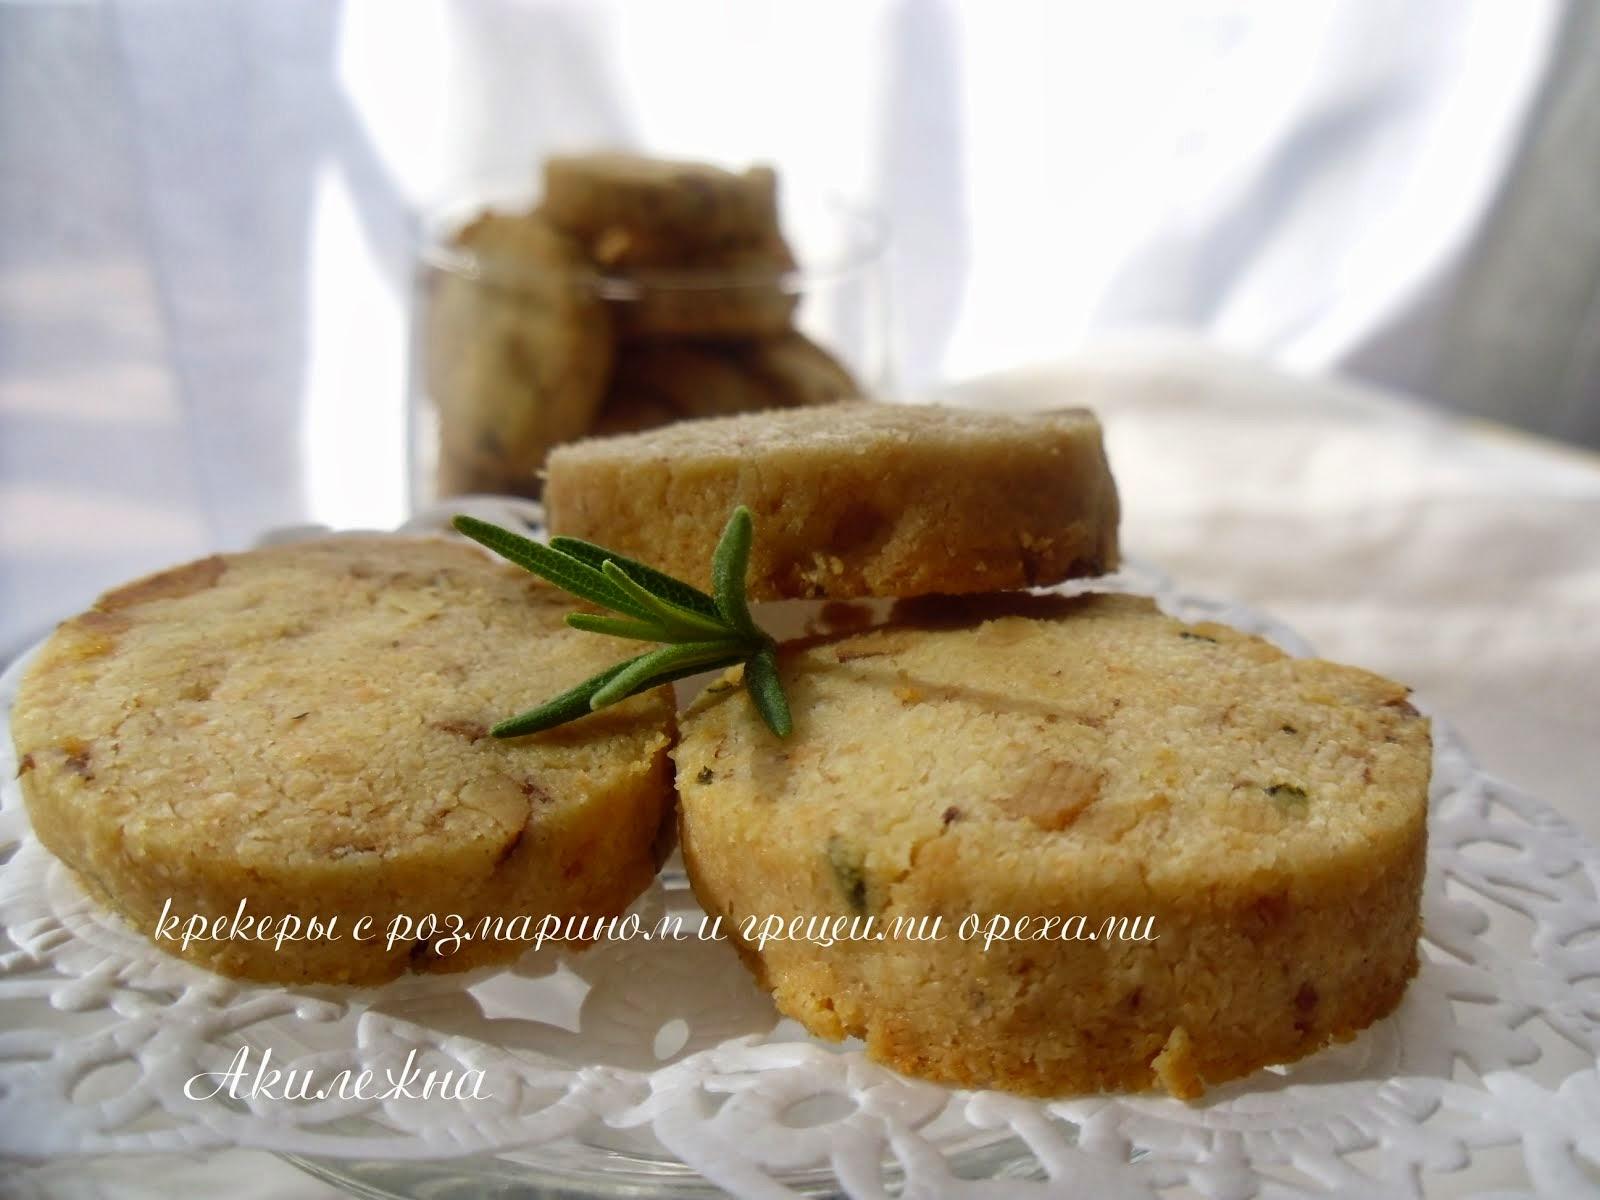 Крекеры с розмарином и грецкими орехами